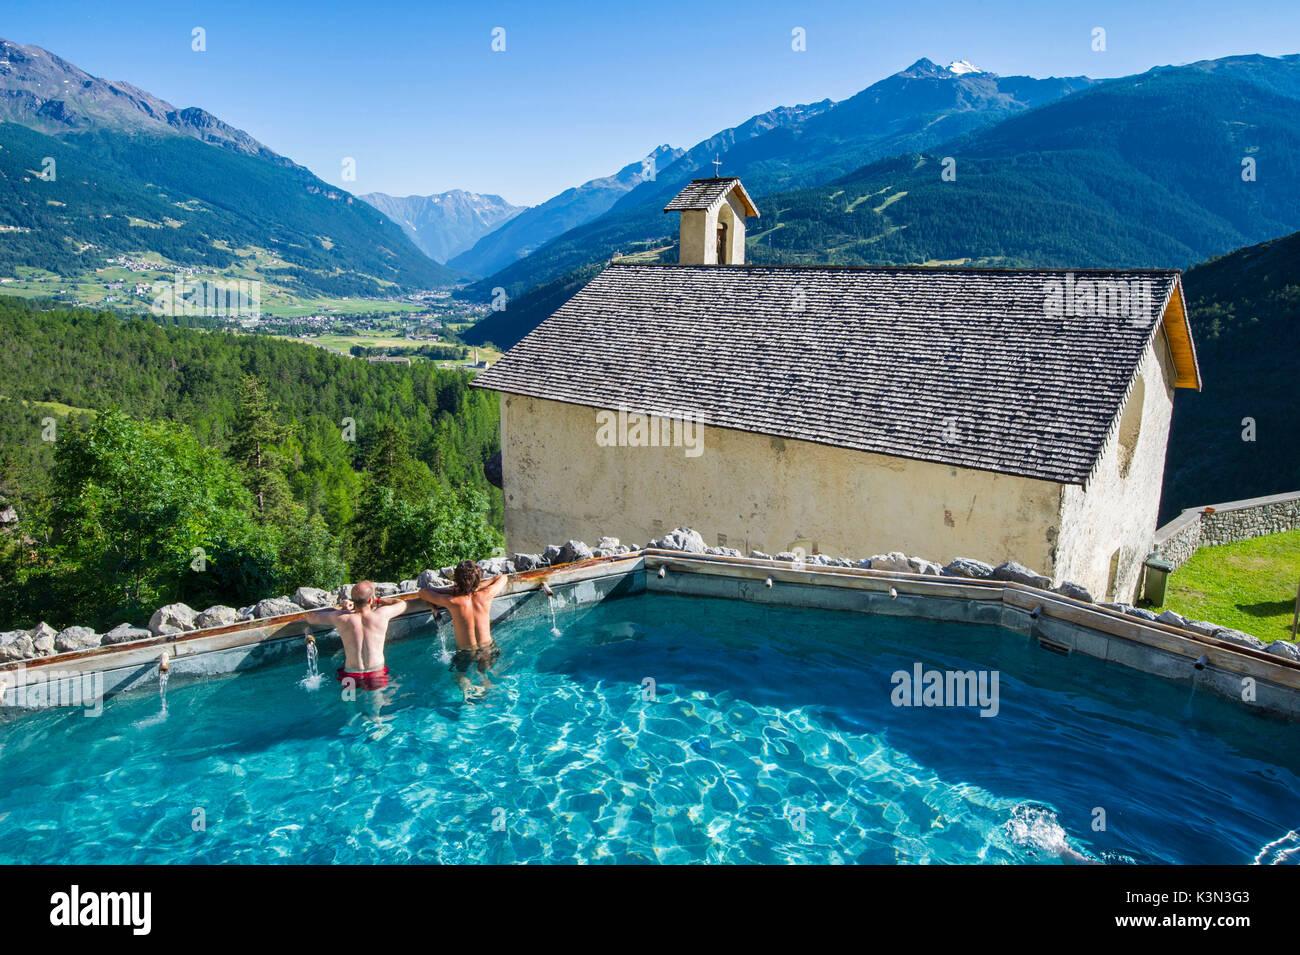 Bagni Vecchi, Bormio, Valtellina, Lombardy, Italy. Thermal wellness ...